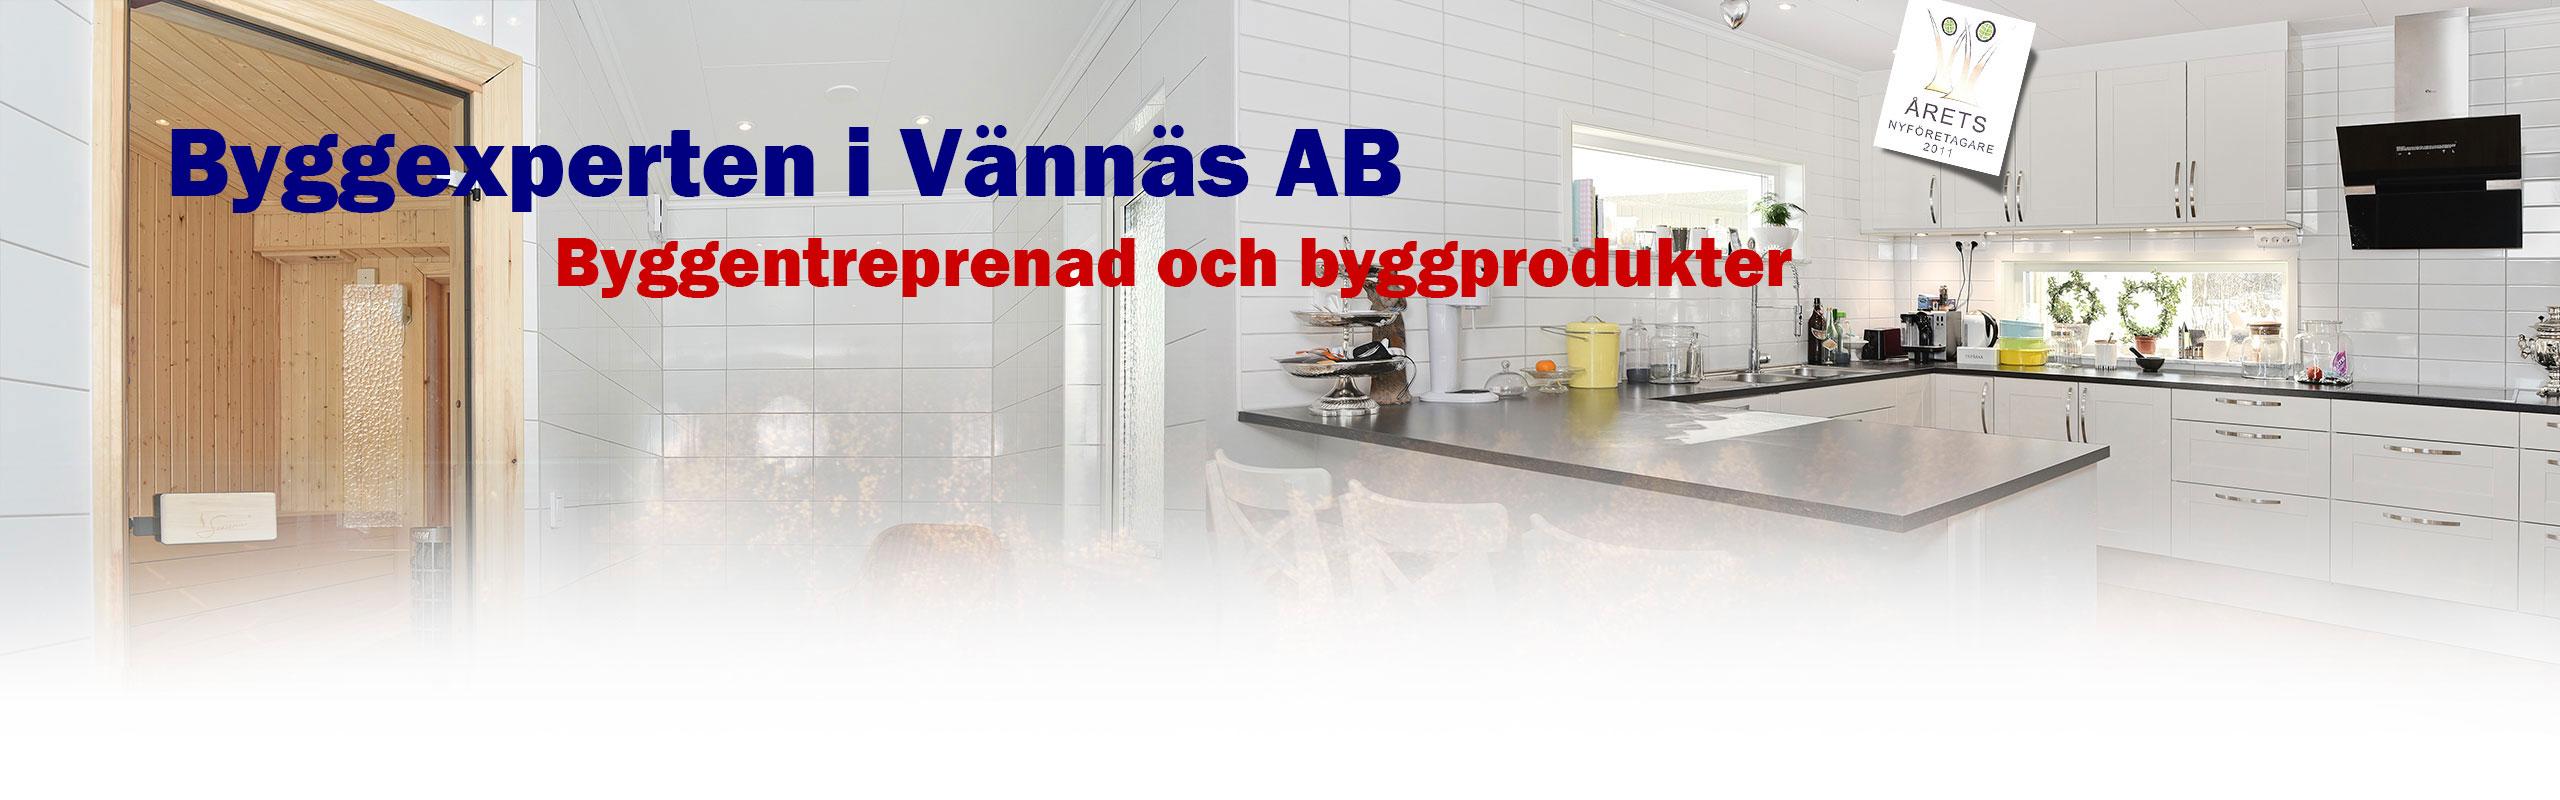 Byggexperten i Vännäs AB